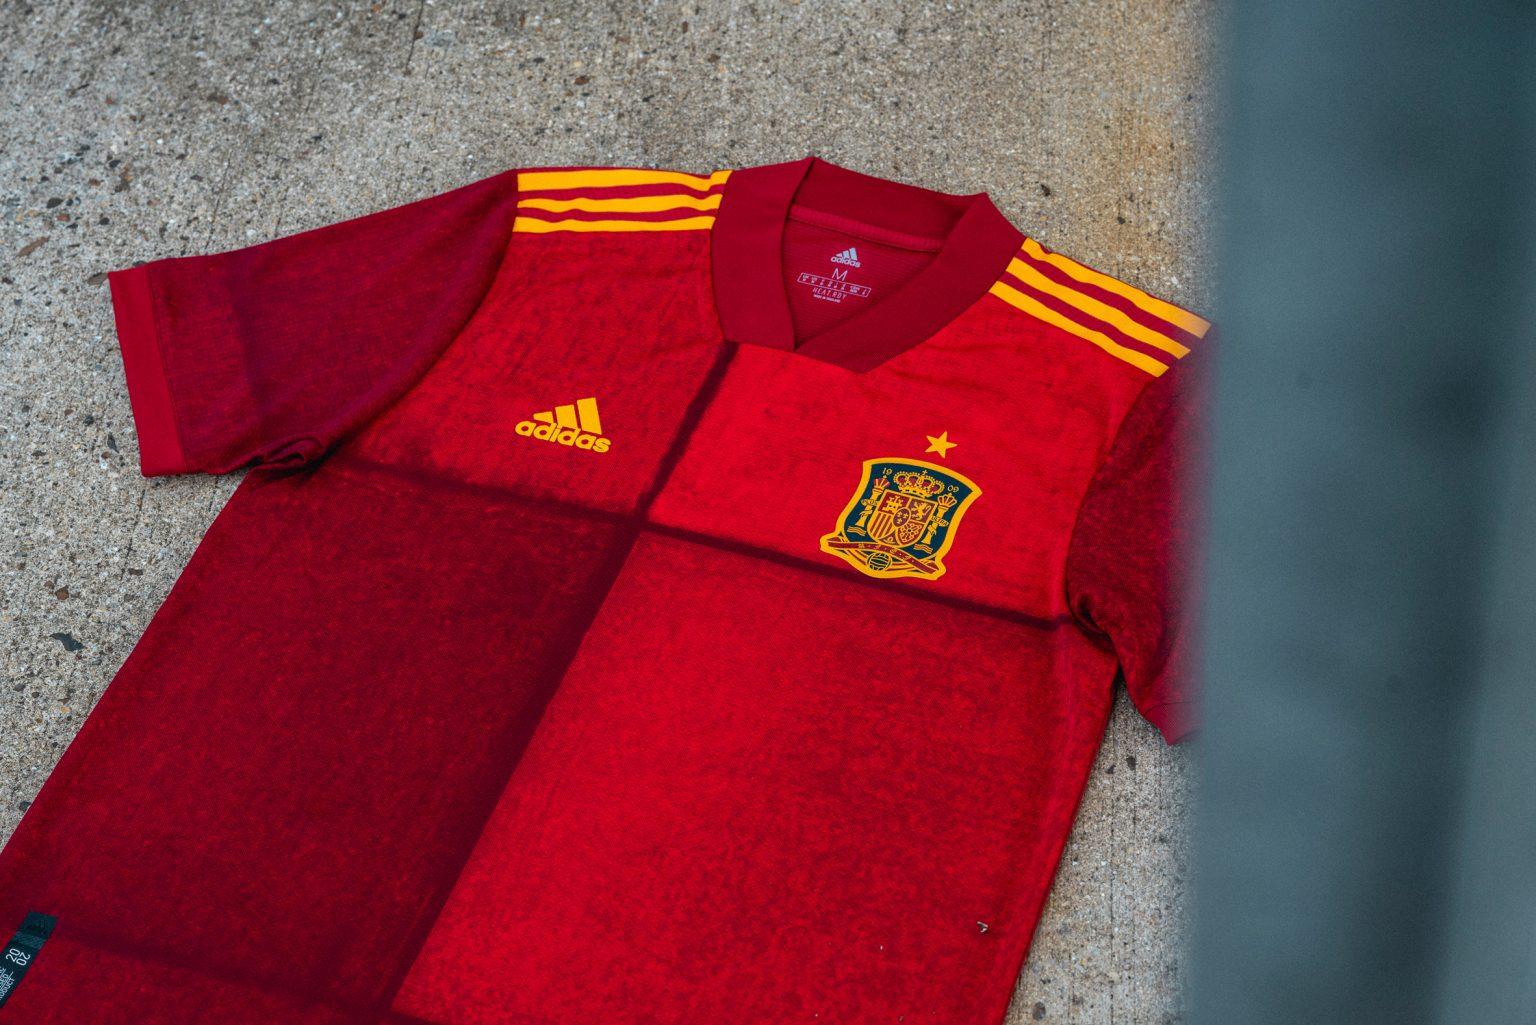 Áo đấu của đội tuyển Tây Ban Nha được adidas thiết kế đặc biệt hơn để kỷ niệm 100 năm thành lập Liên đoàn Bóng đá Tây Ban Nha.  Chiếc áo có các màu sắc pha trộn giữa màu đỏ đậm và đỏ tía có vẻ như chia mặt trước của bộ quần áo mảng màu mang lại hiệu ứng thị giác cho người nhìn.